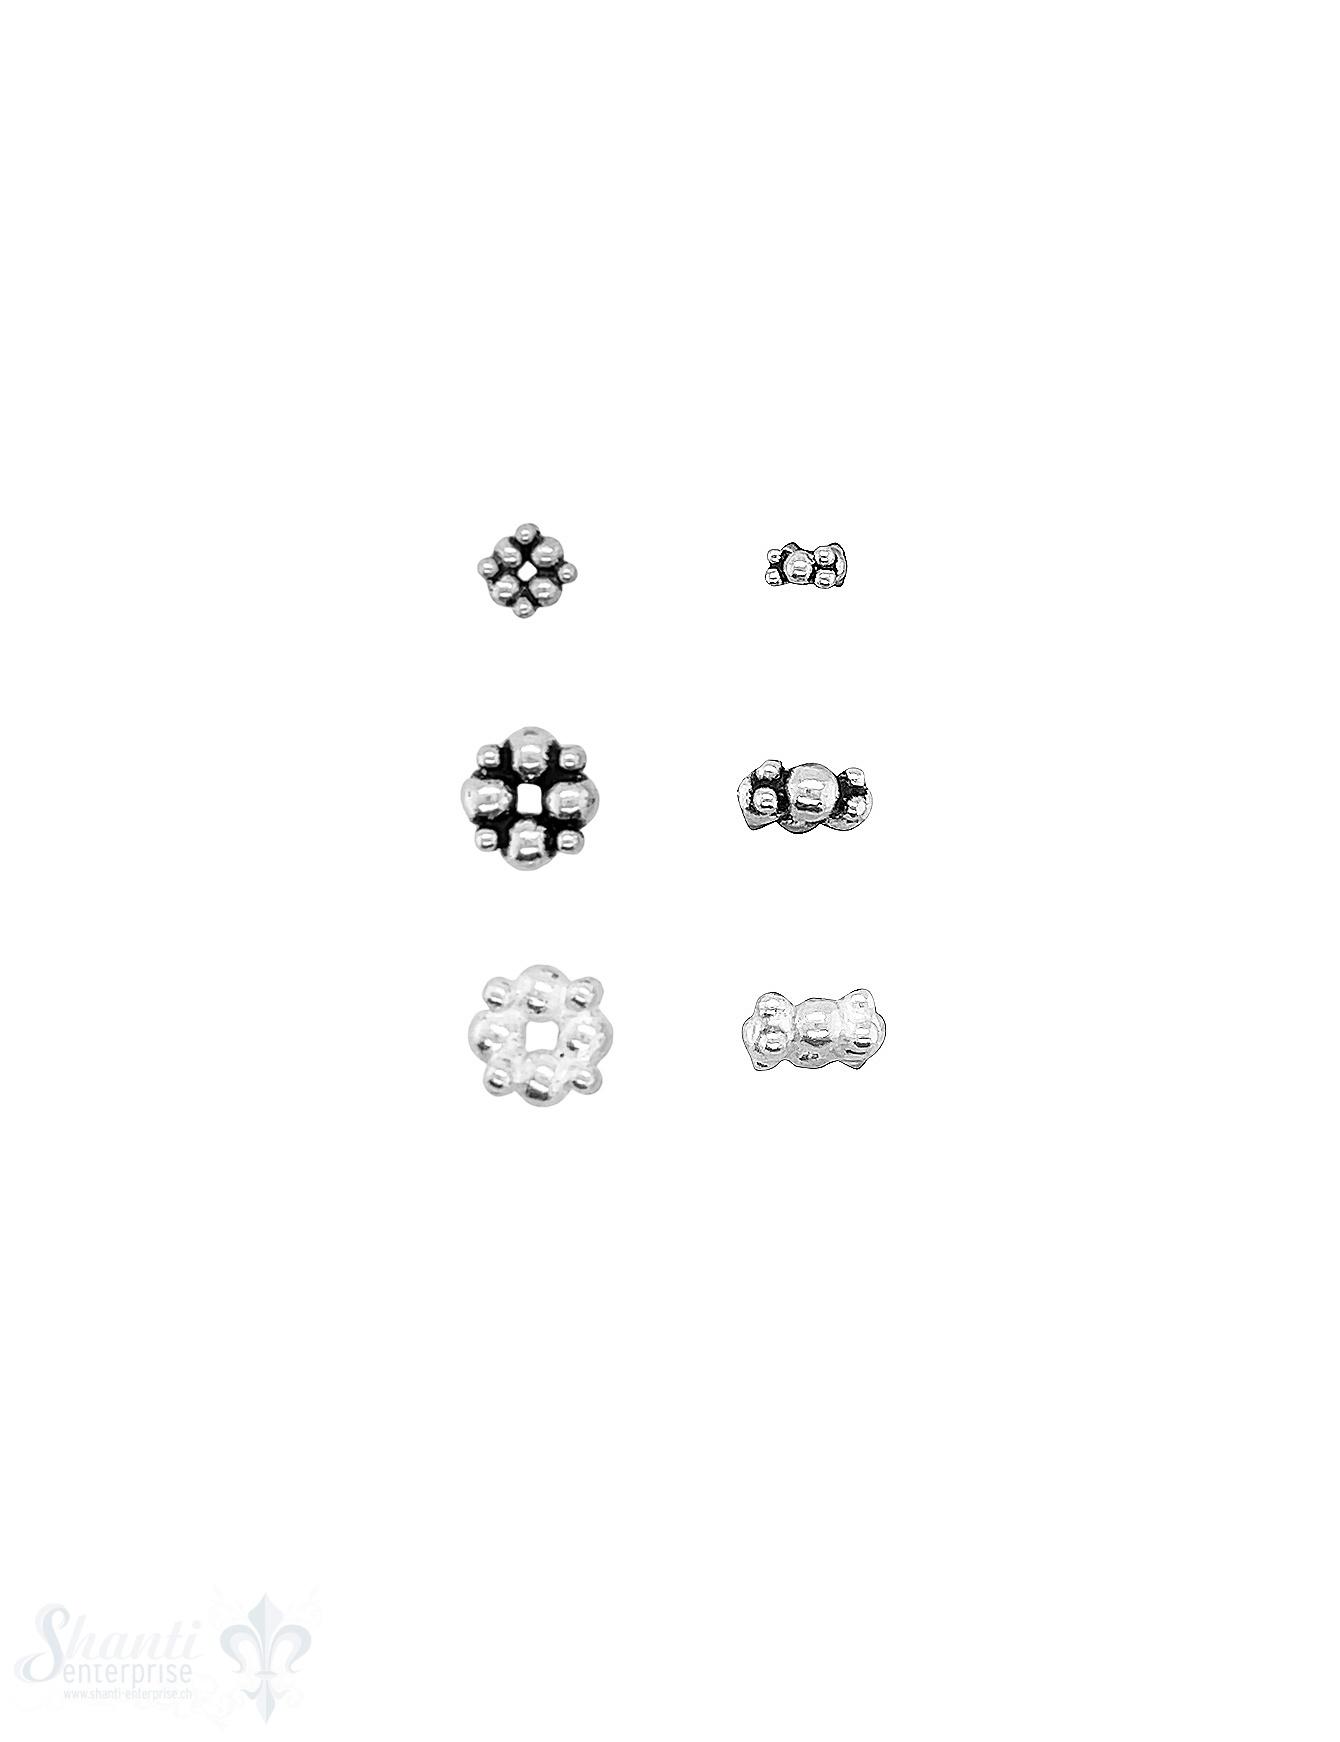 Blumen Element  abwechslungsweise mit kleinen und grösseren Punkten Silber